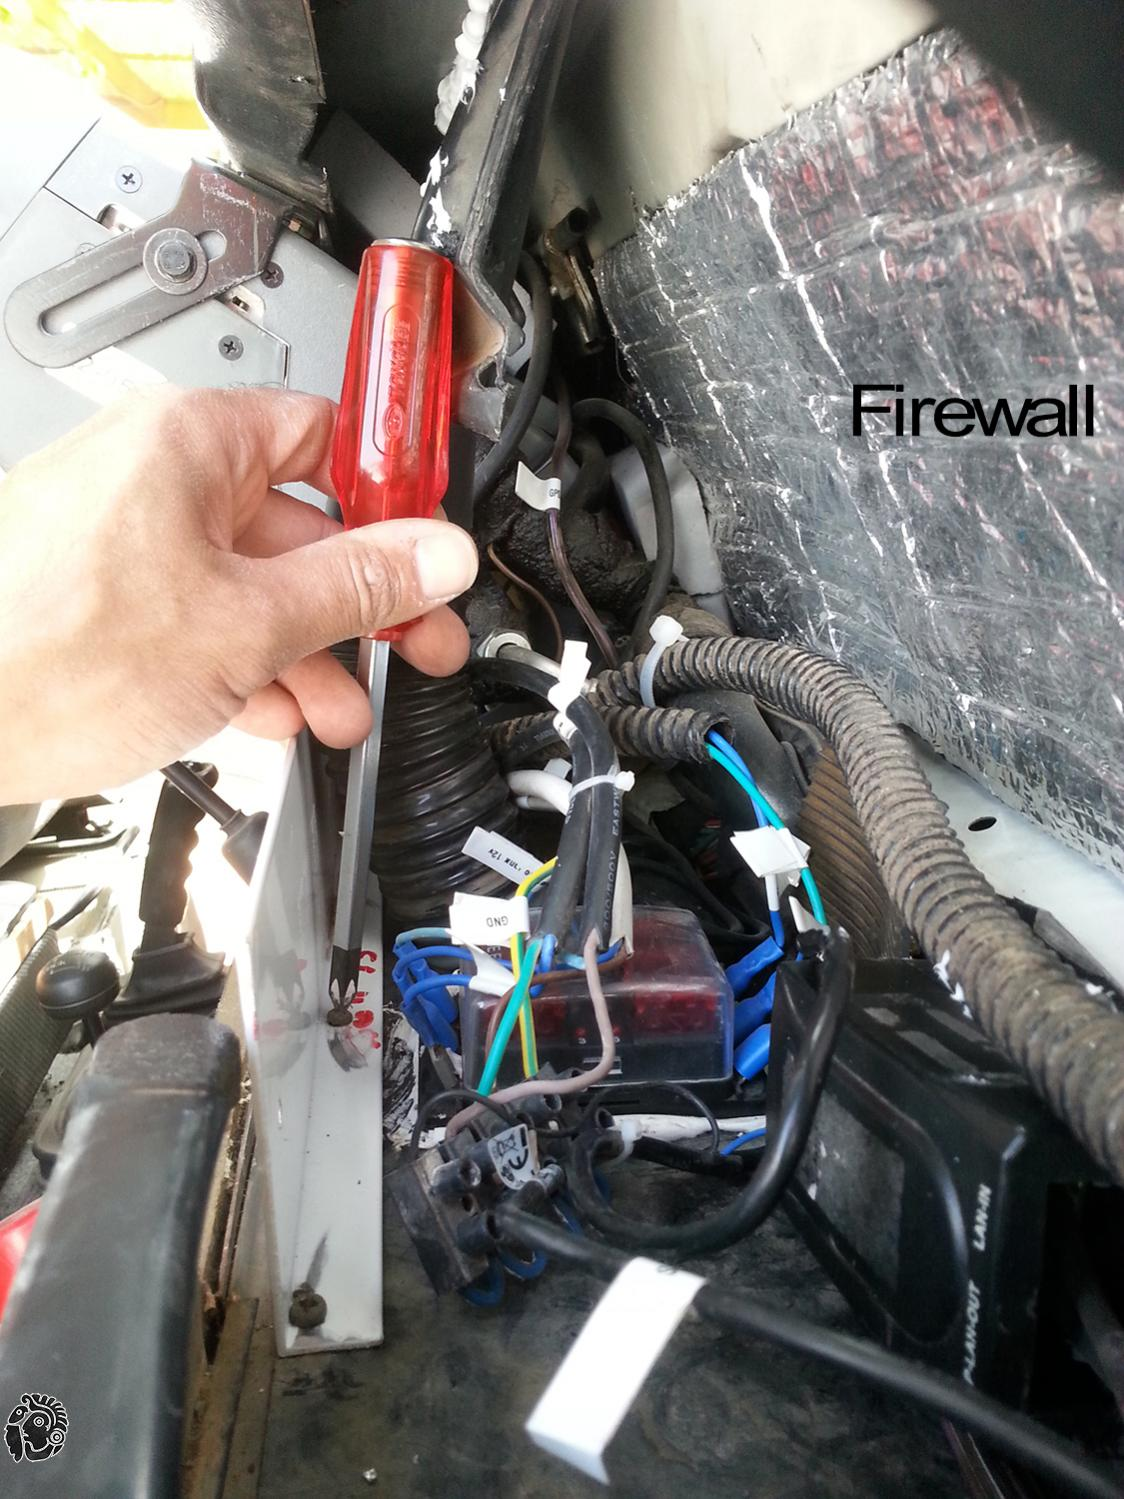 מברג פיליפס וחיווט חוטי חשמל ברכב